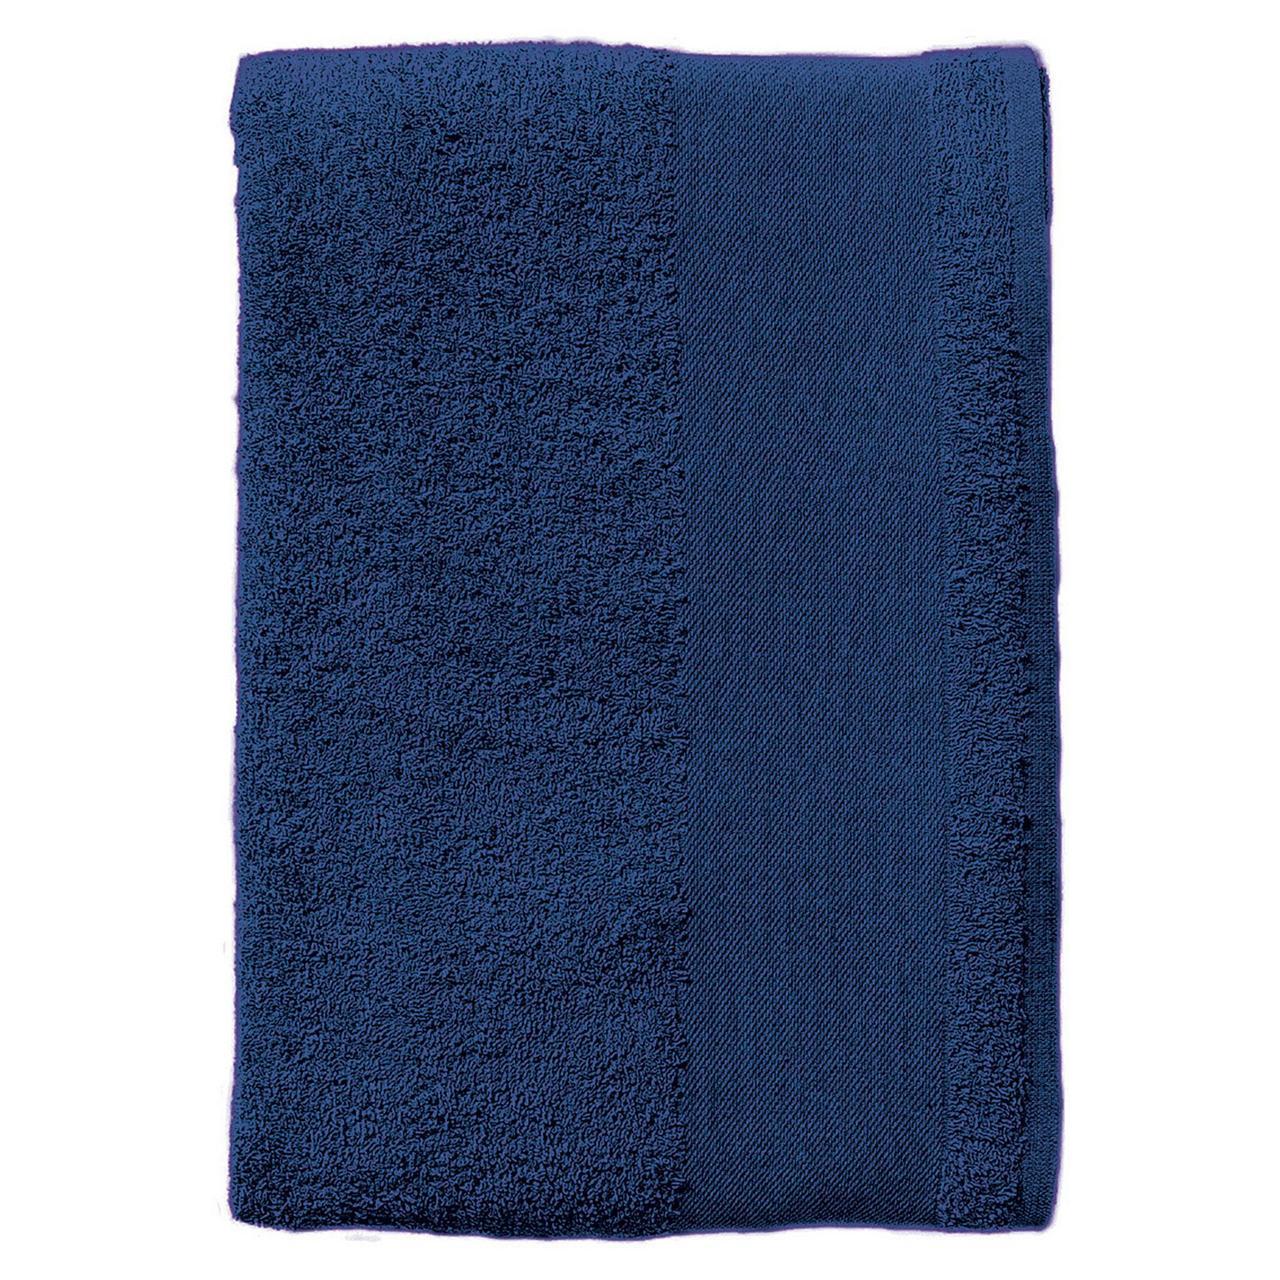 Полотенце махровое Island Medium, темно-синее (артикул 4592.40)